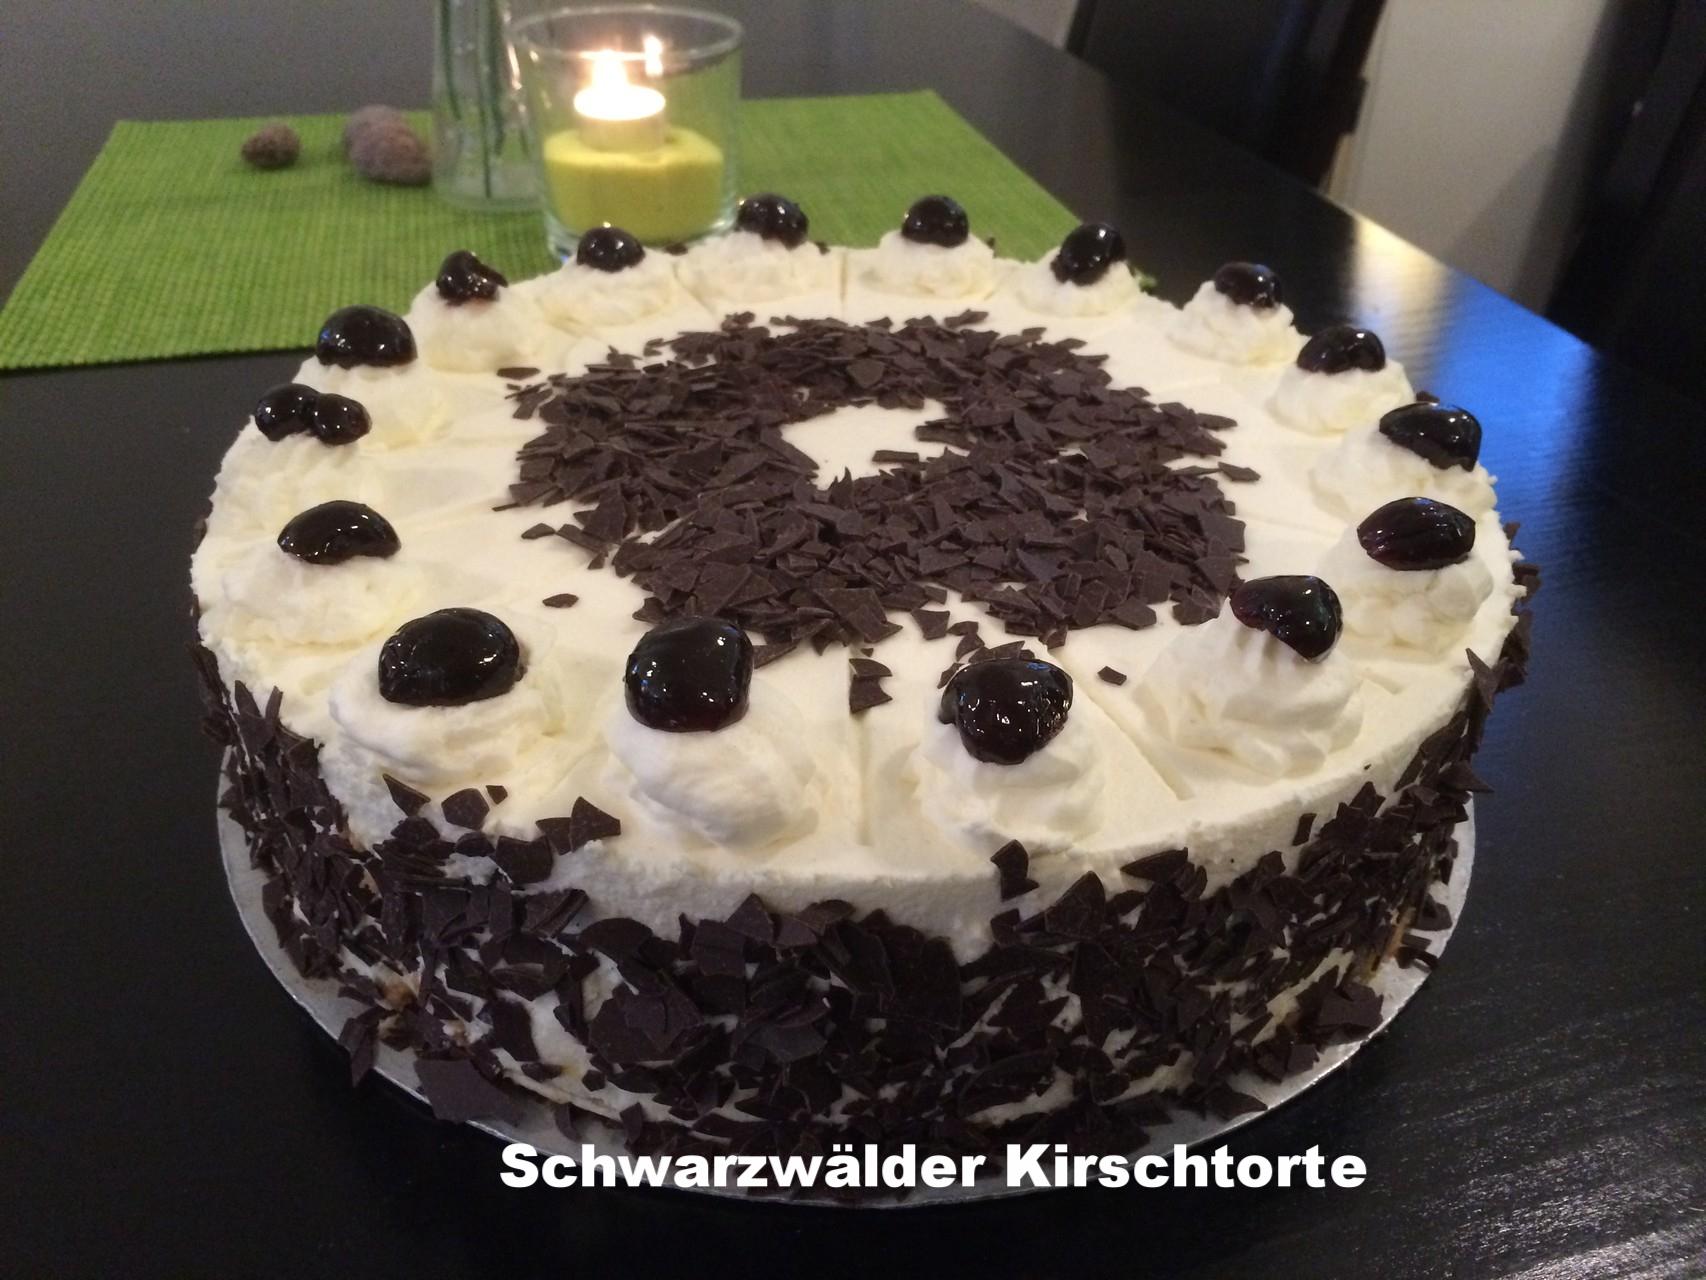 Rathaus Cafe Usingen Hessen/Schwarzwälder Kirsch Torte